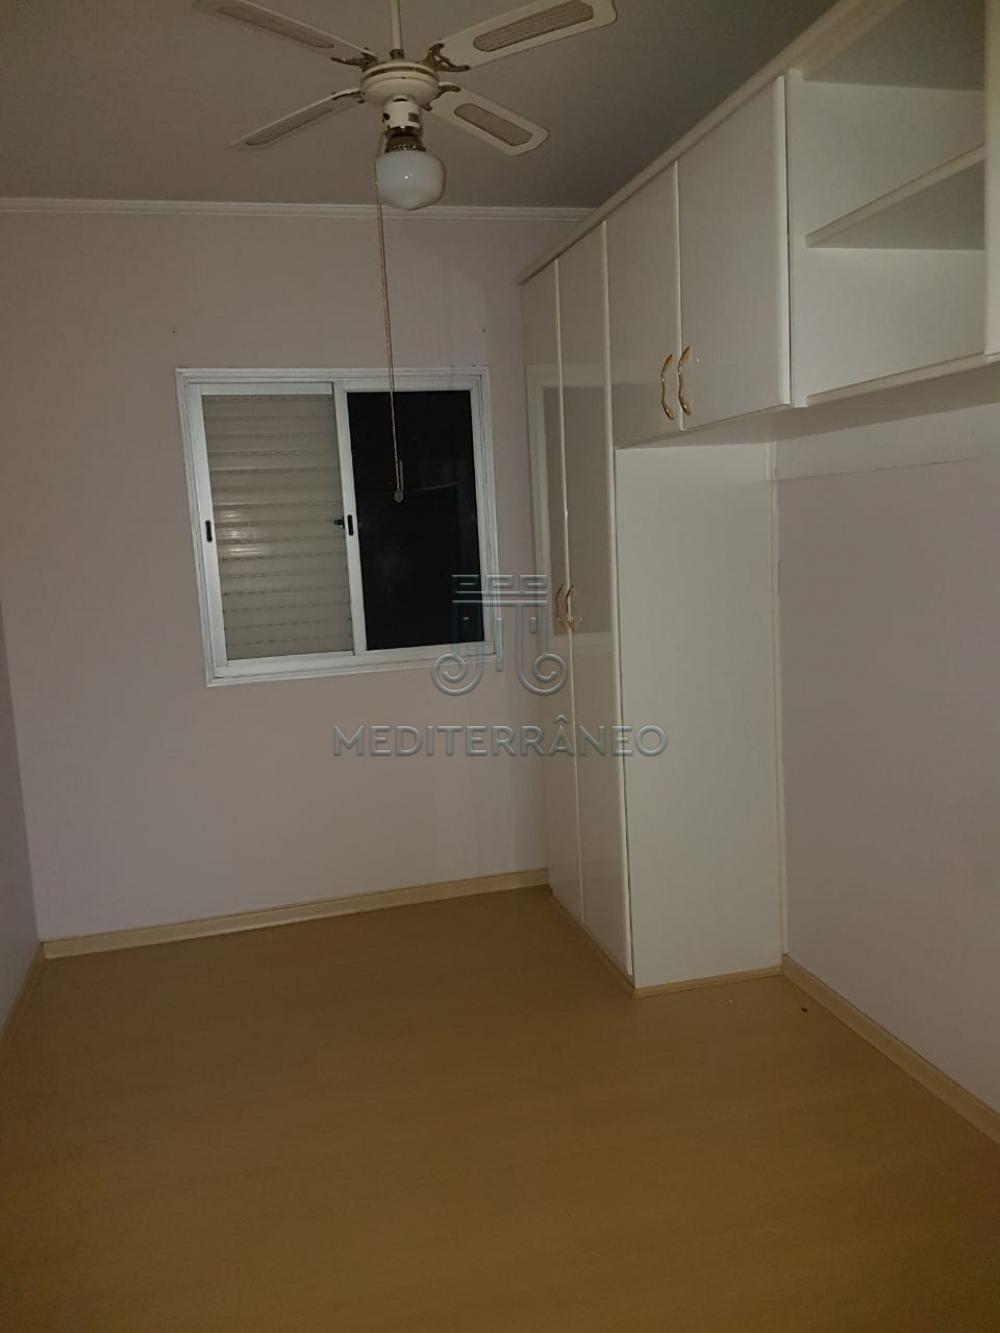 Alugar Apartamento / Padrão em Jundiaí apenas R$ 950,00 - Foto 4